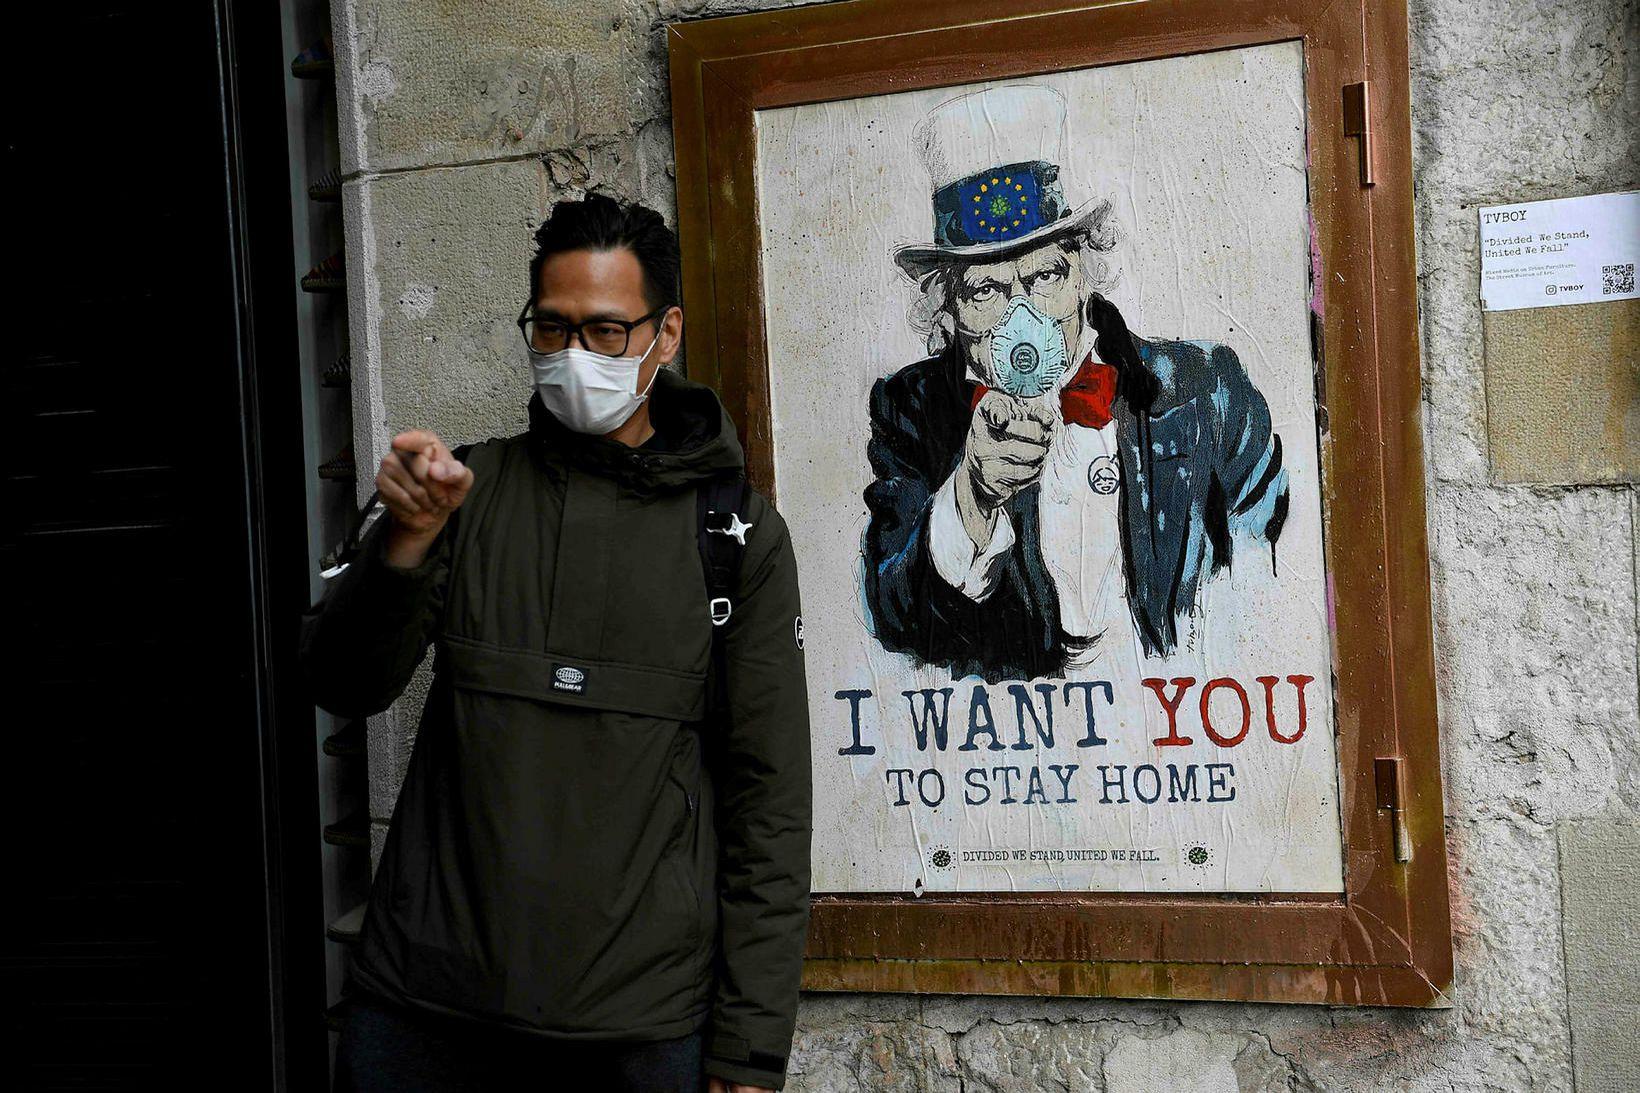 Dveljið heima, segir Uncle Sam á þessu skilti í Barcelona.